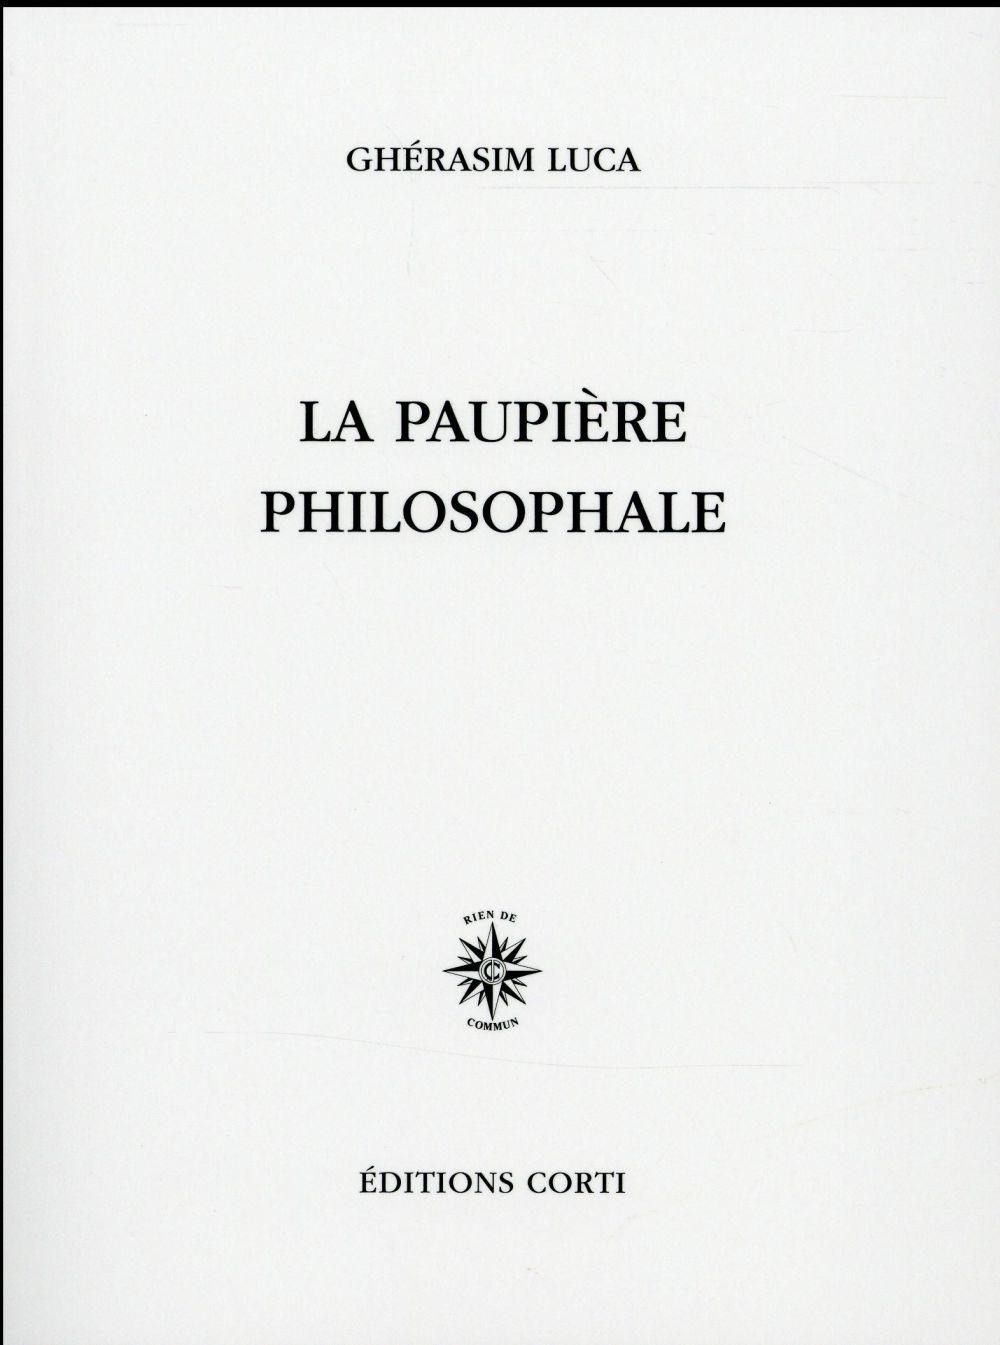 LA PAUPIERE PHILOSOPHALE